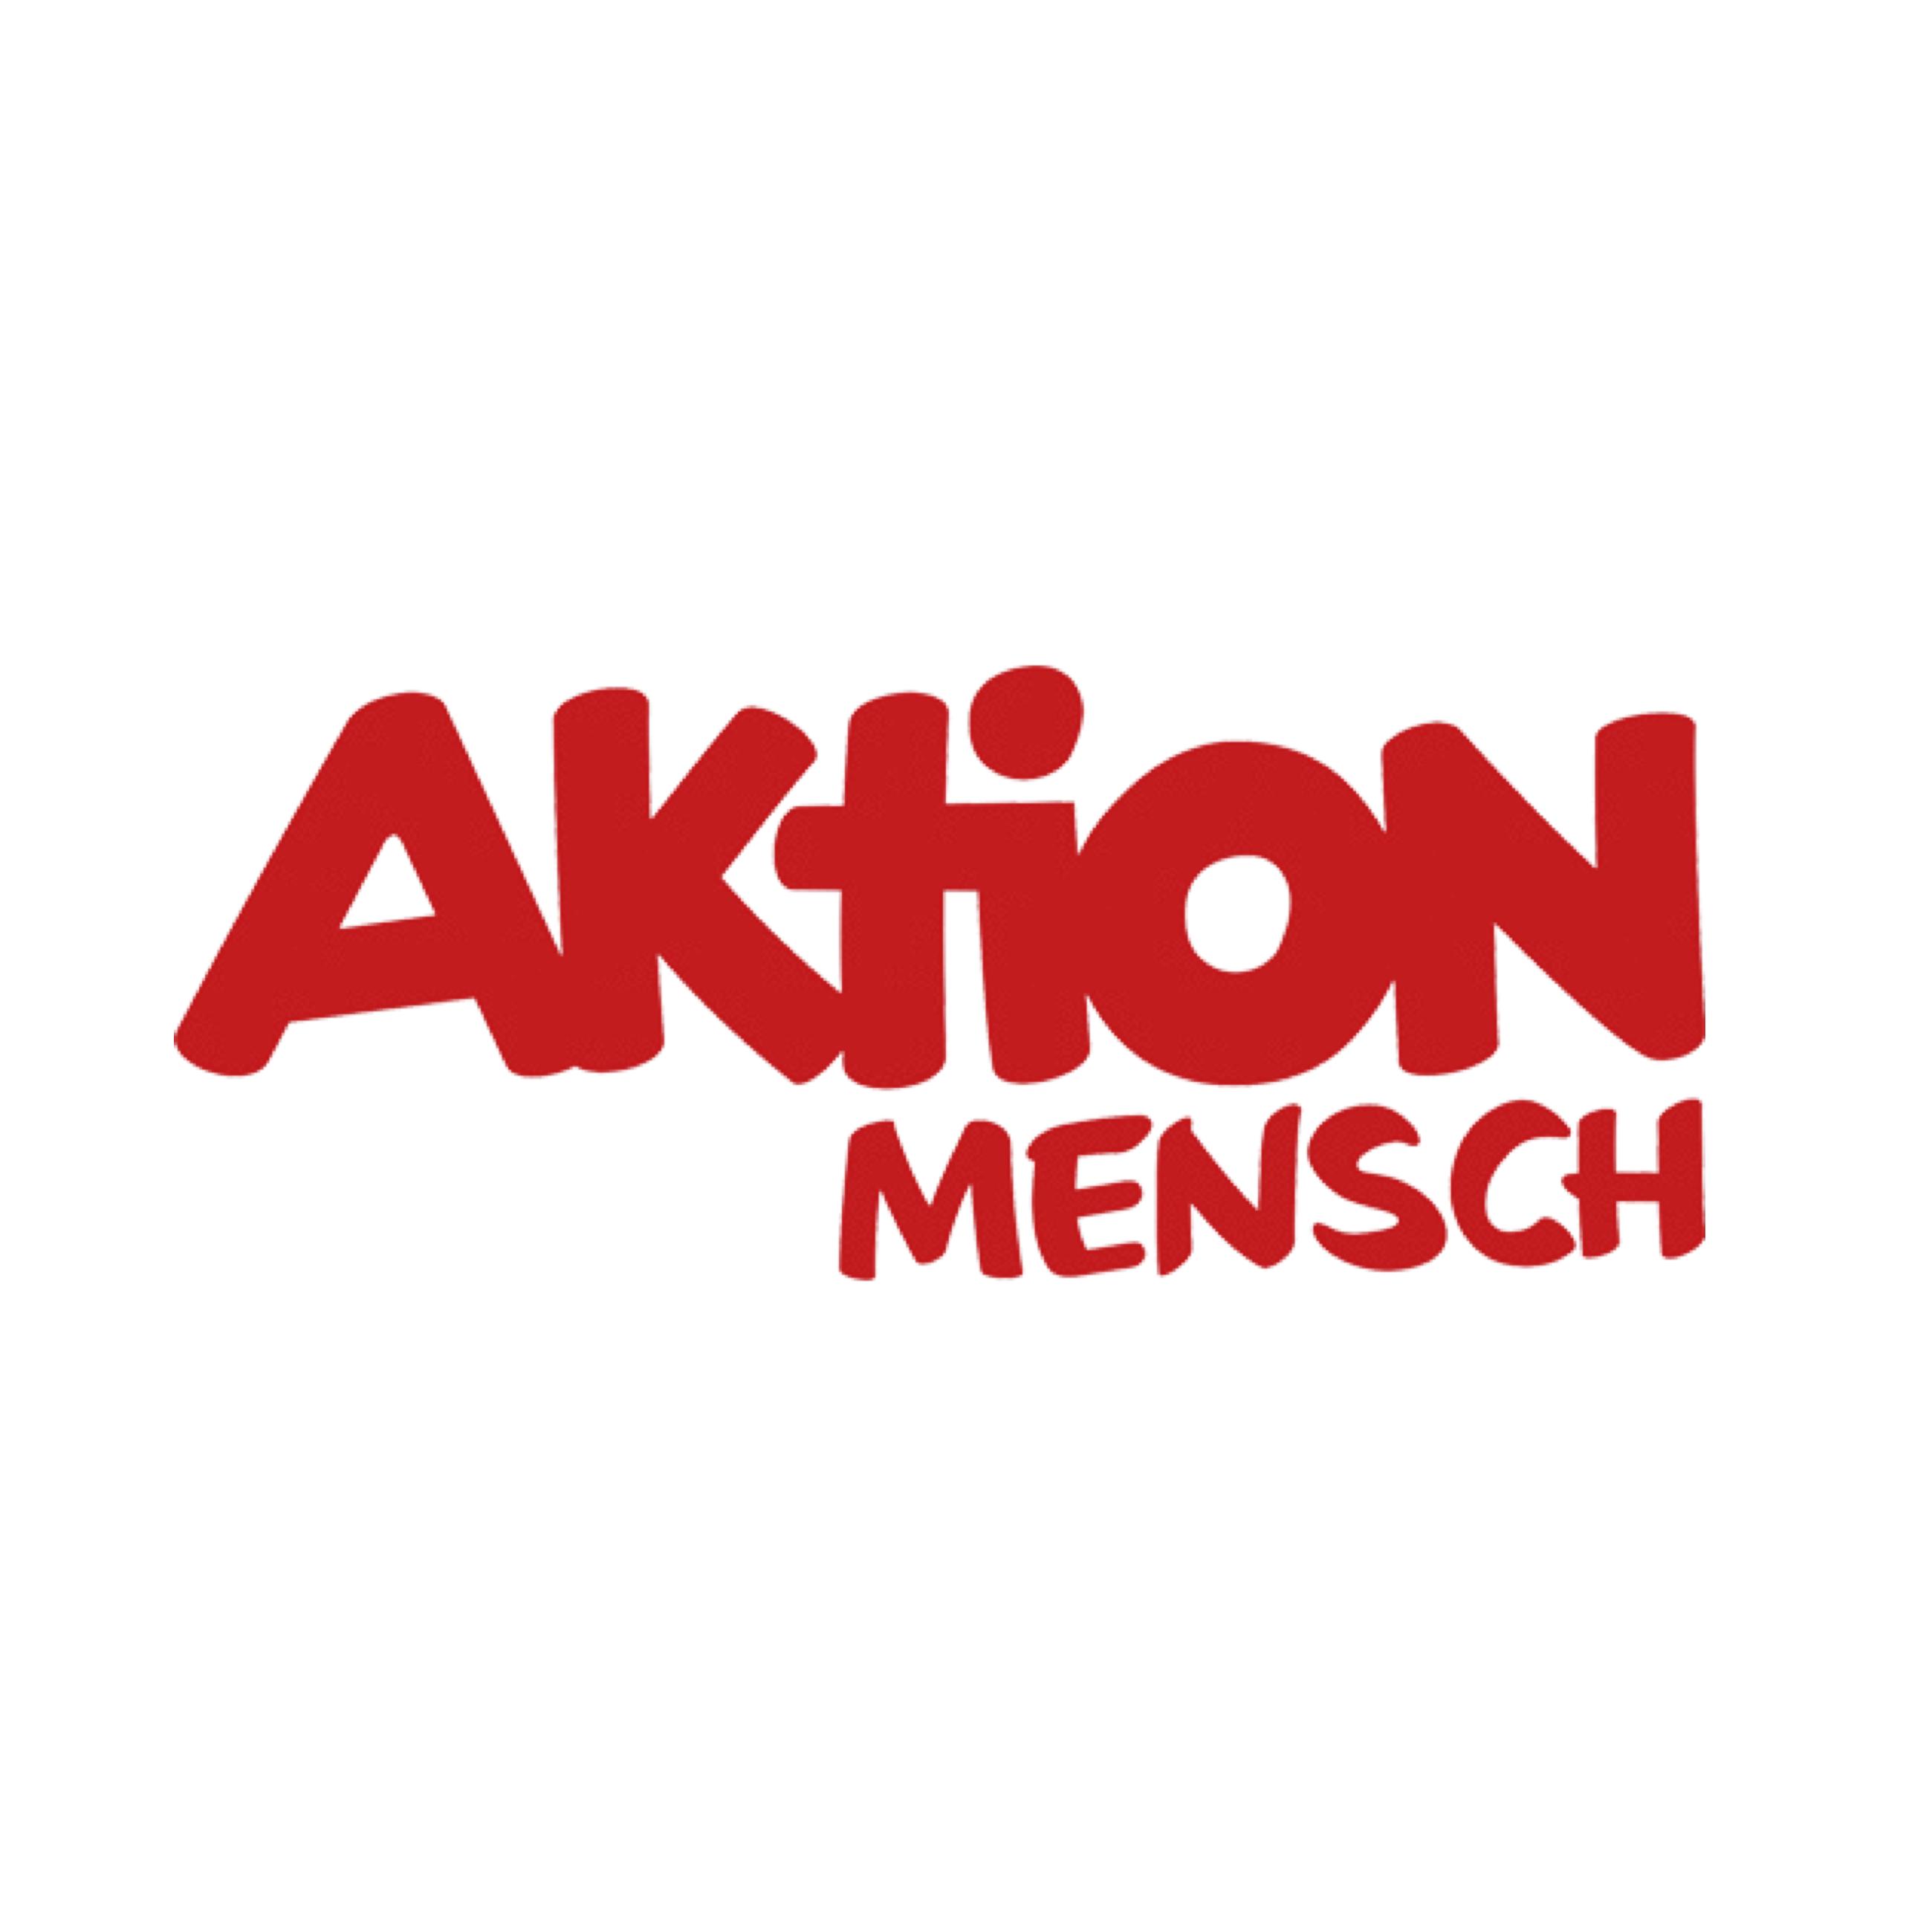 Logo der Aktion Mensch. Die Aktion Mensch hat bereits mehrfach Projekte der gemeinnützigen HörMal Audiodeskription Unternehmergesellschaft finanziell unterstützt. Bildrechte: Aktion Mensch.